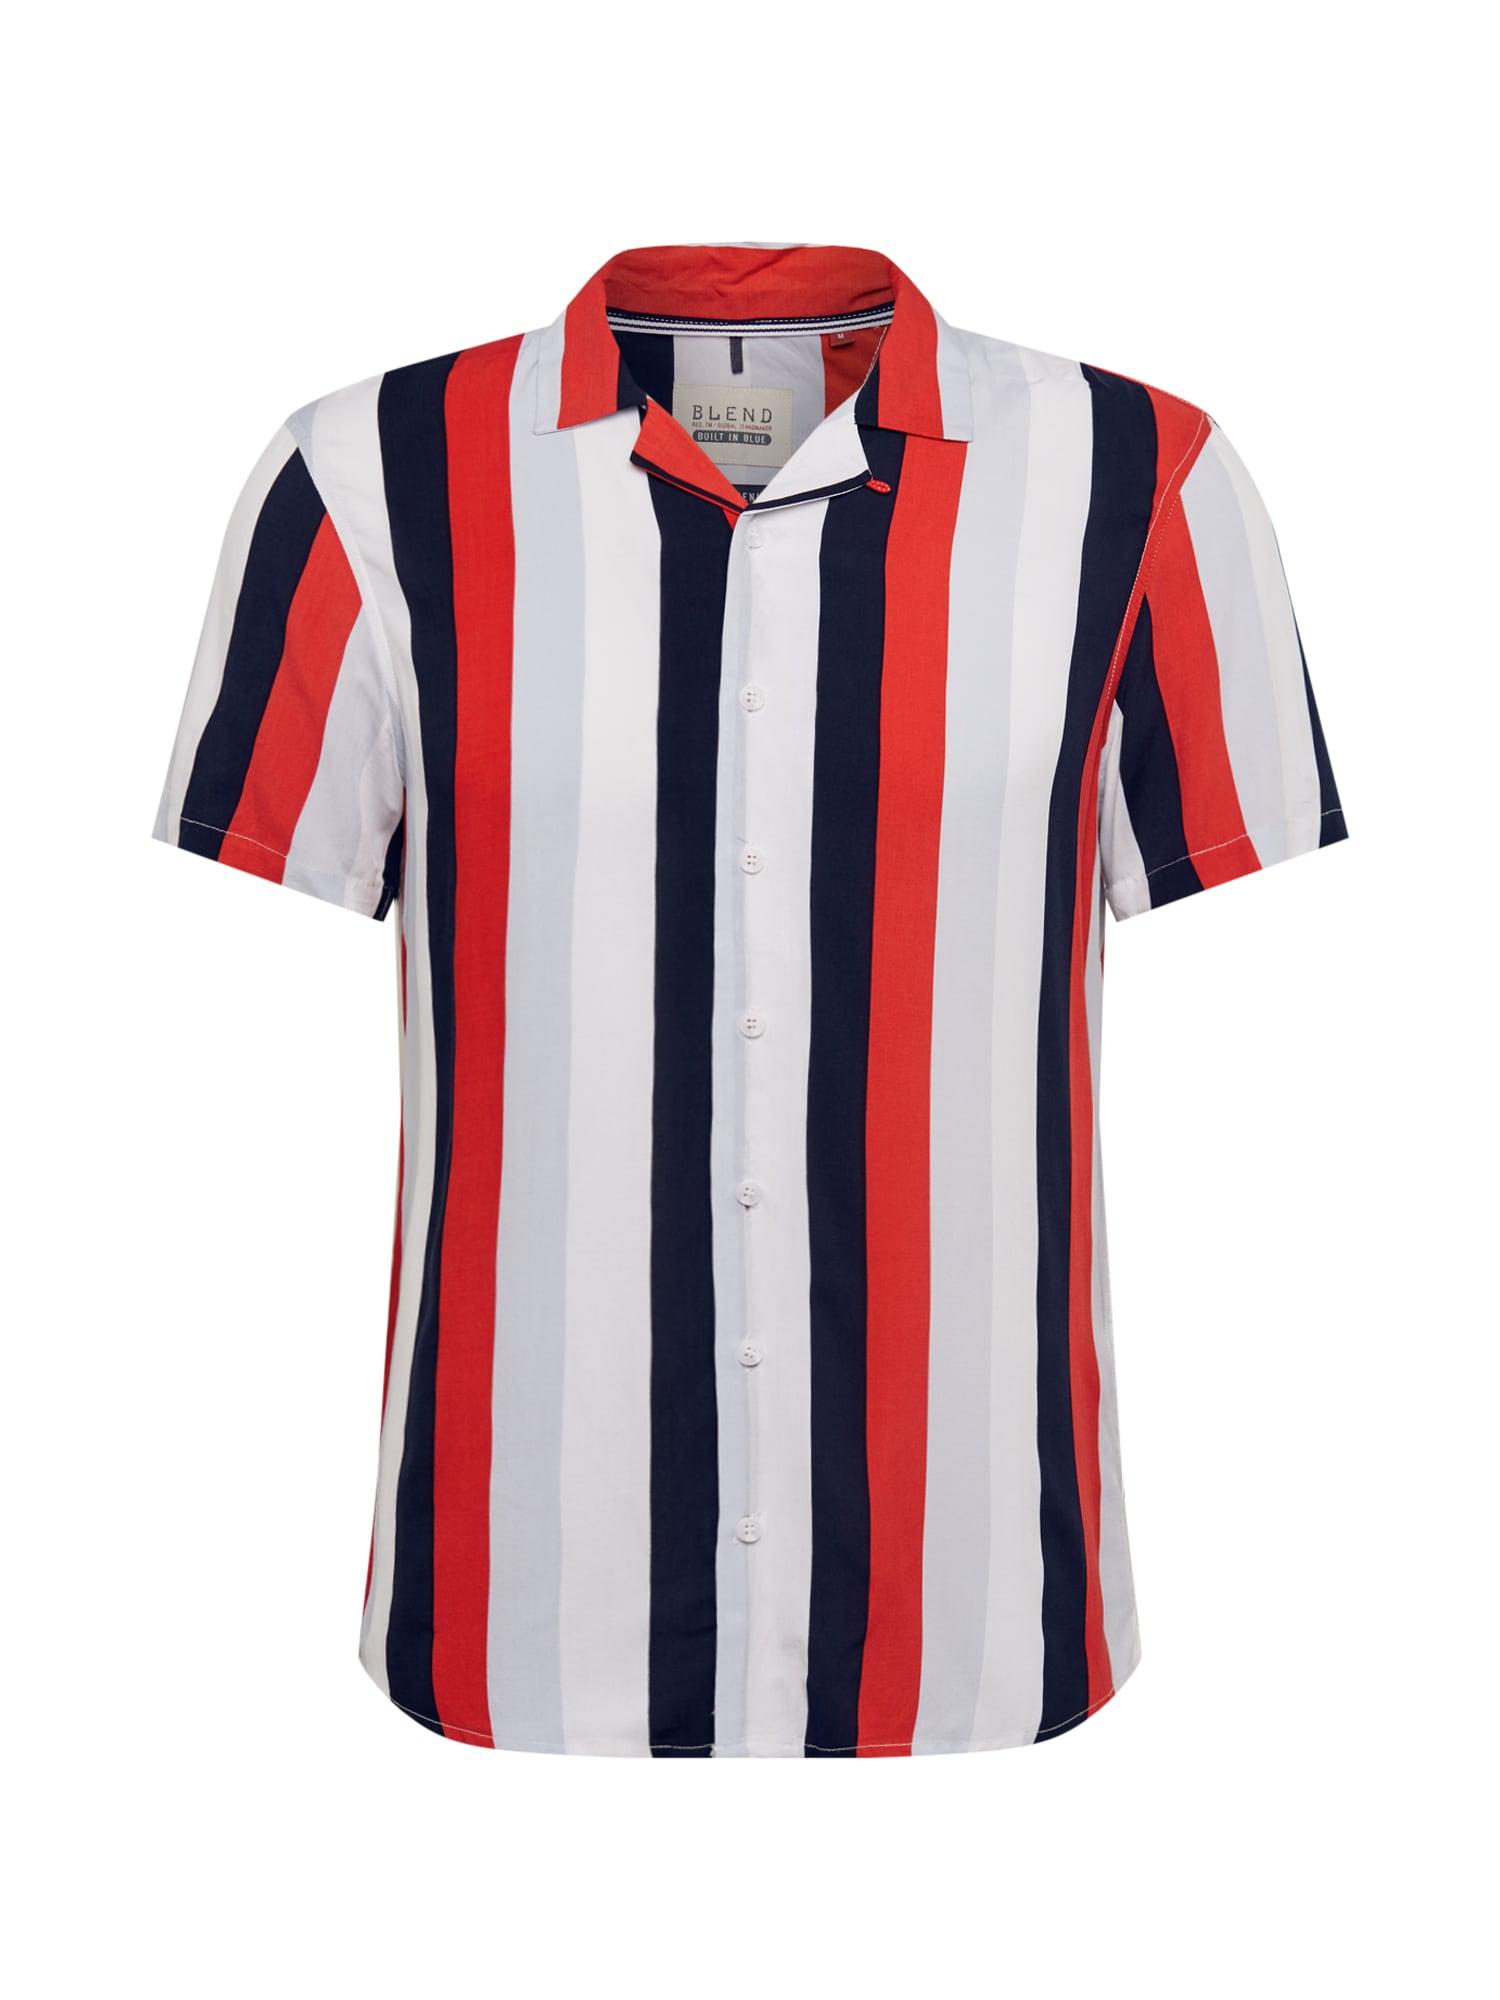 BLEND Dalykiniai marškiniai mišrios spalvos